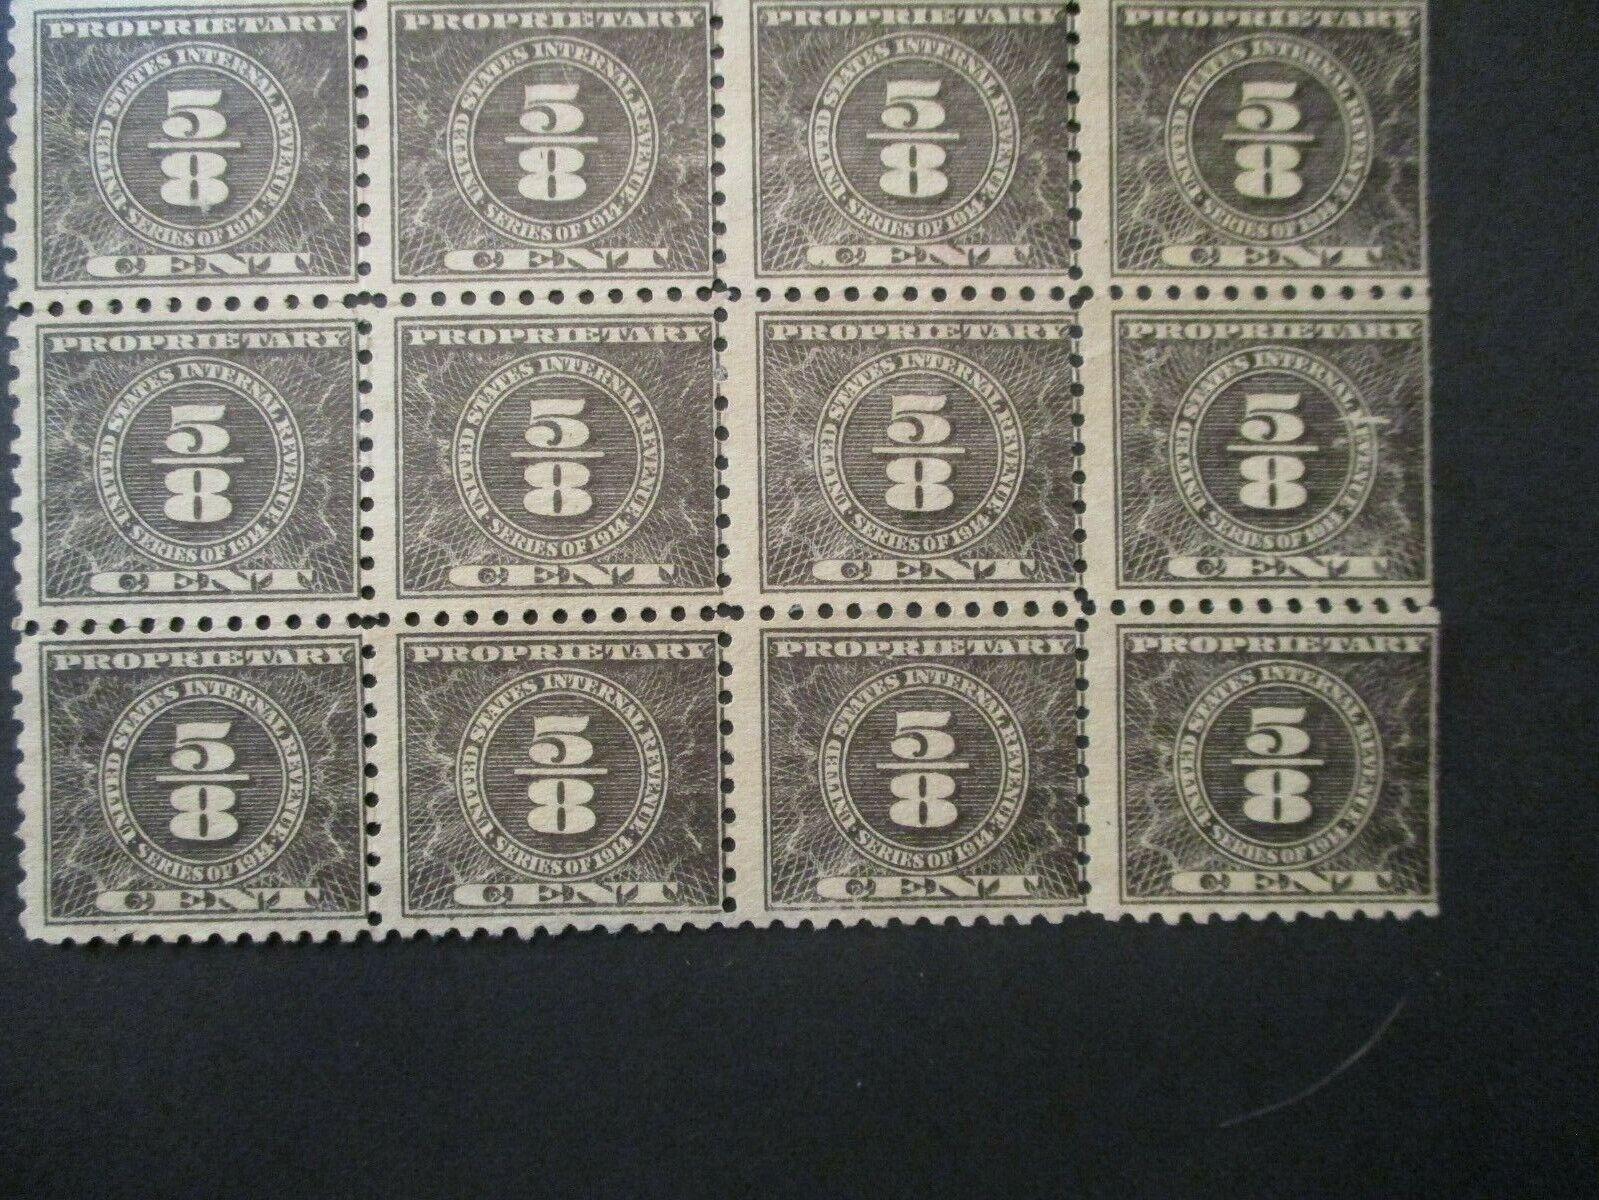 1914 1/8c Blk, Offset, Dl Wmk, Perf 10 S RB48 Block Of 12v Mint NG - $0.01